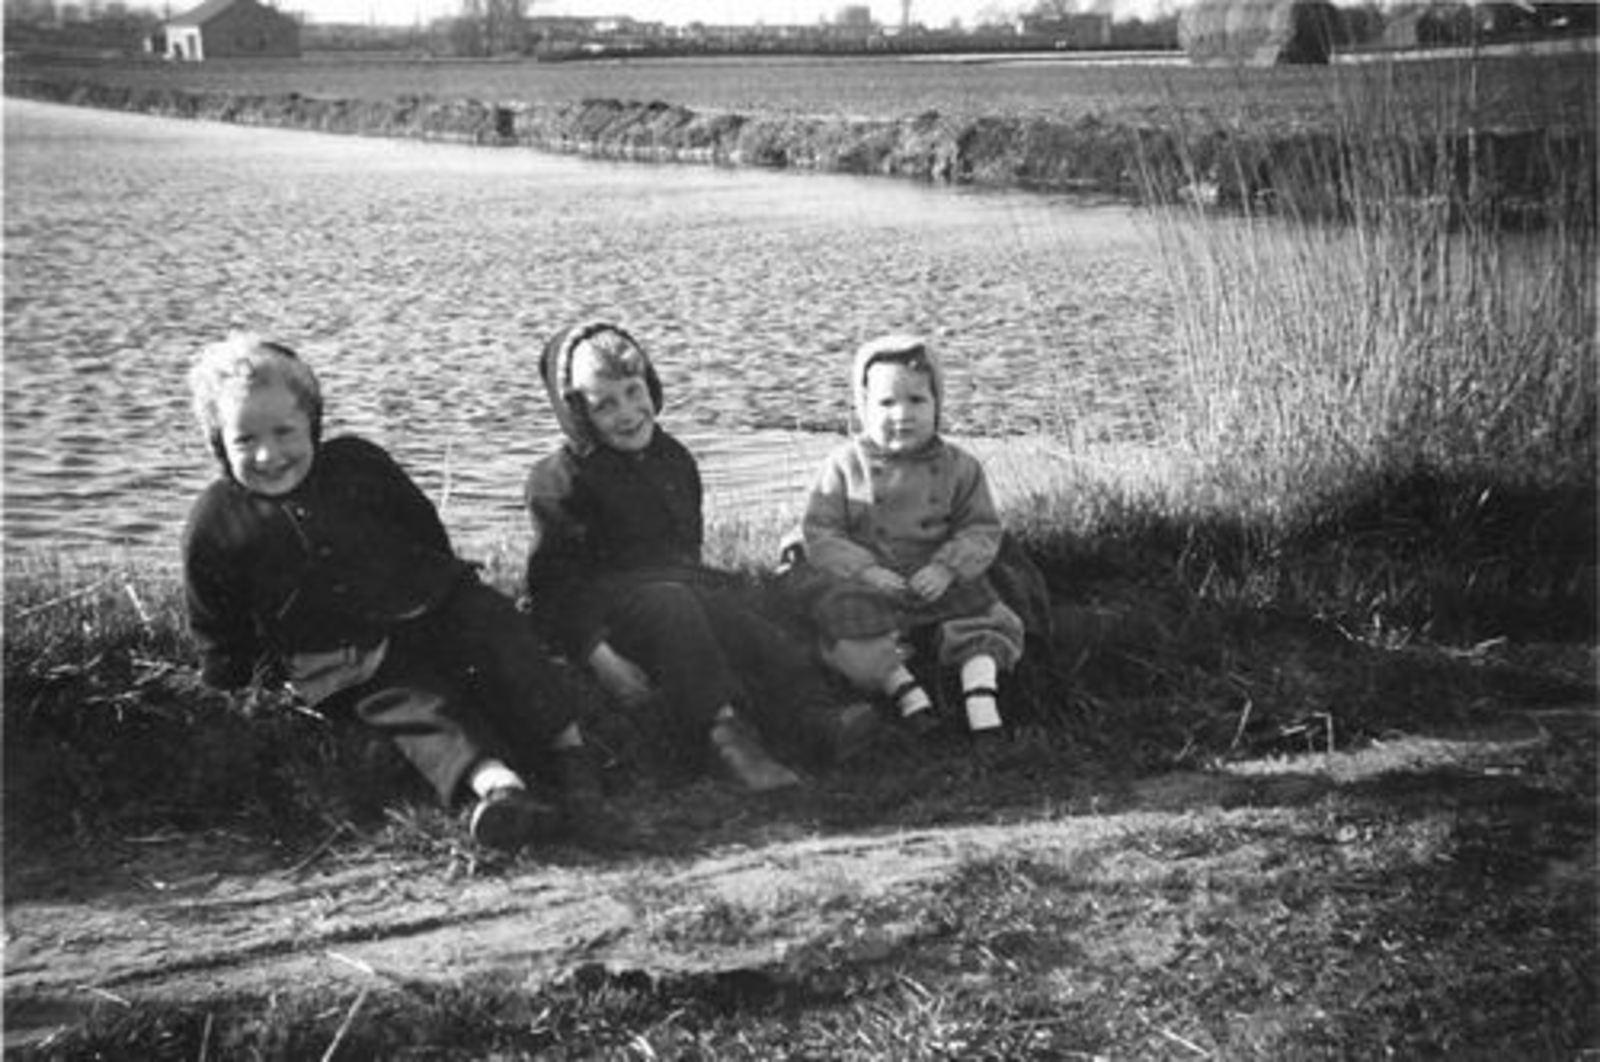 Oude Kruisweg Z 0210 1957± t Vennetje Zandafgraving met kinderen Pijpers